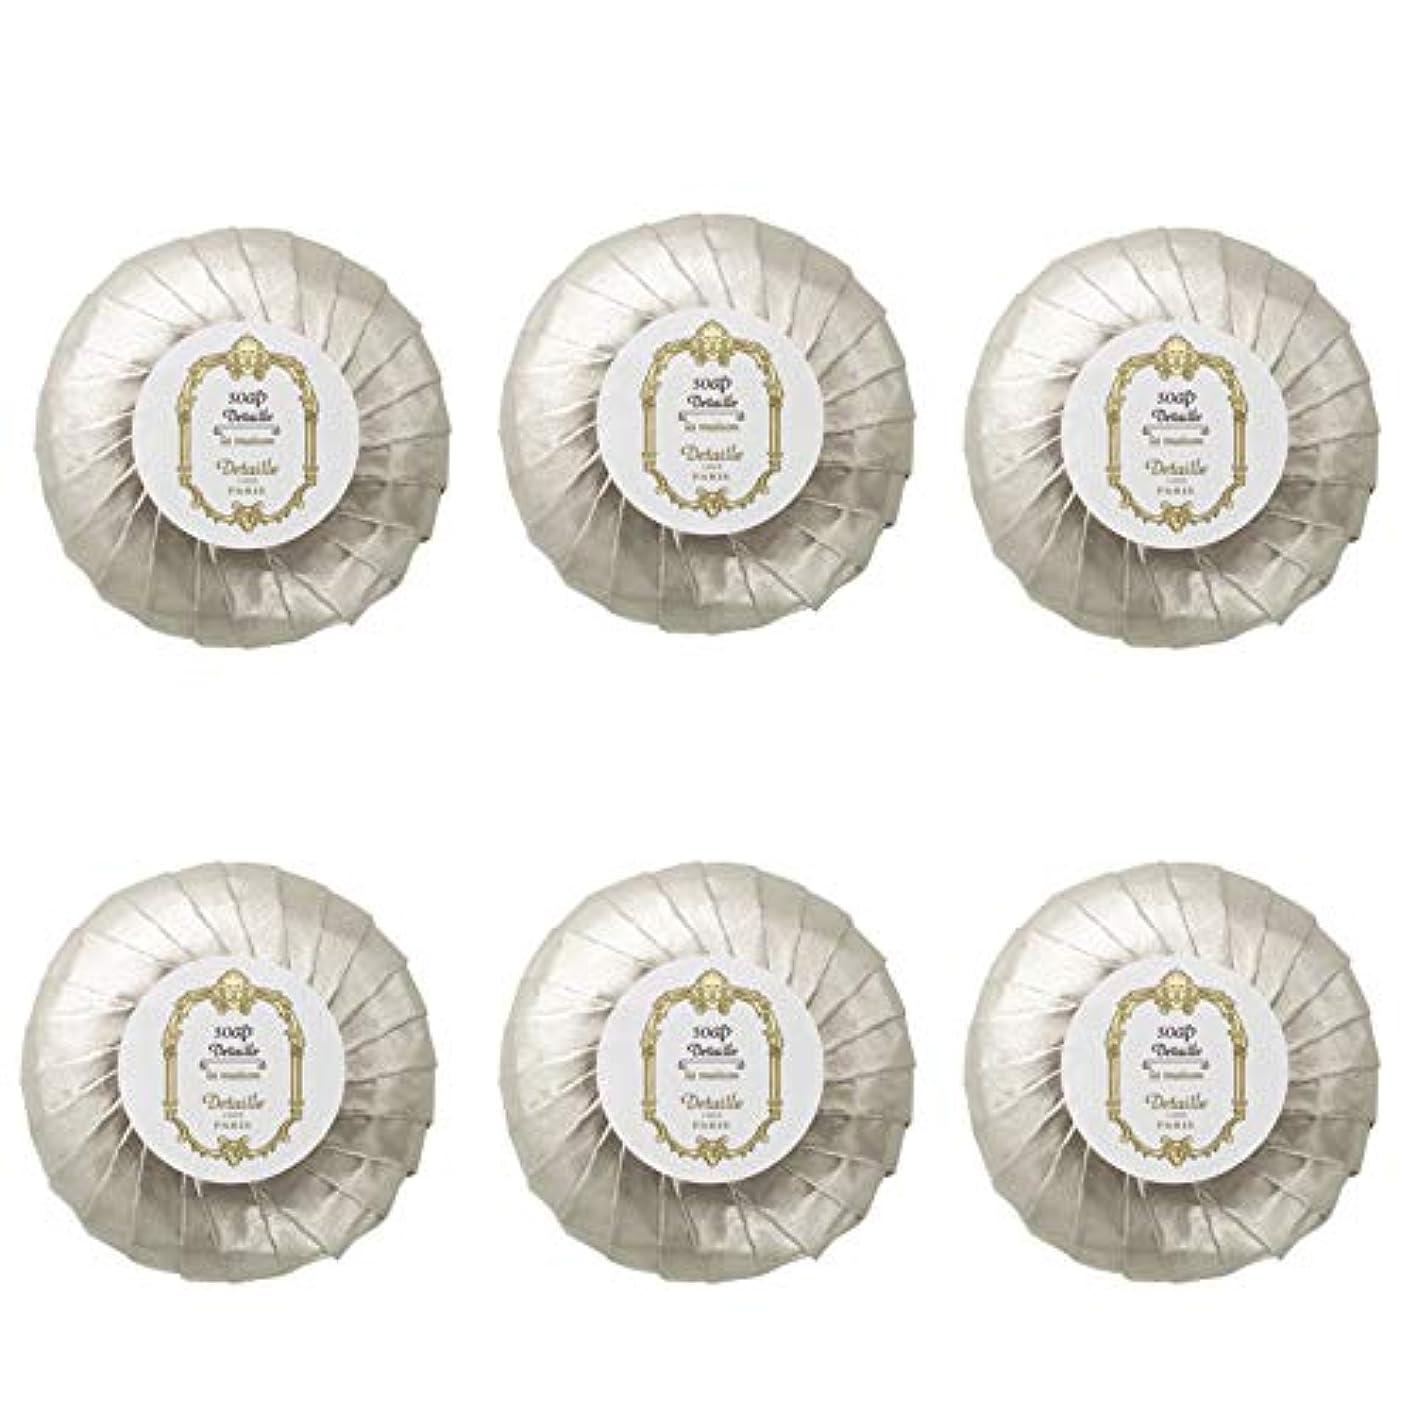 入射知恵なぜPOLA デタイユ ラ メゾン スキンソープ 固形石鹸 (プリーツ包装) 50g×6個